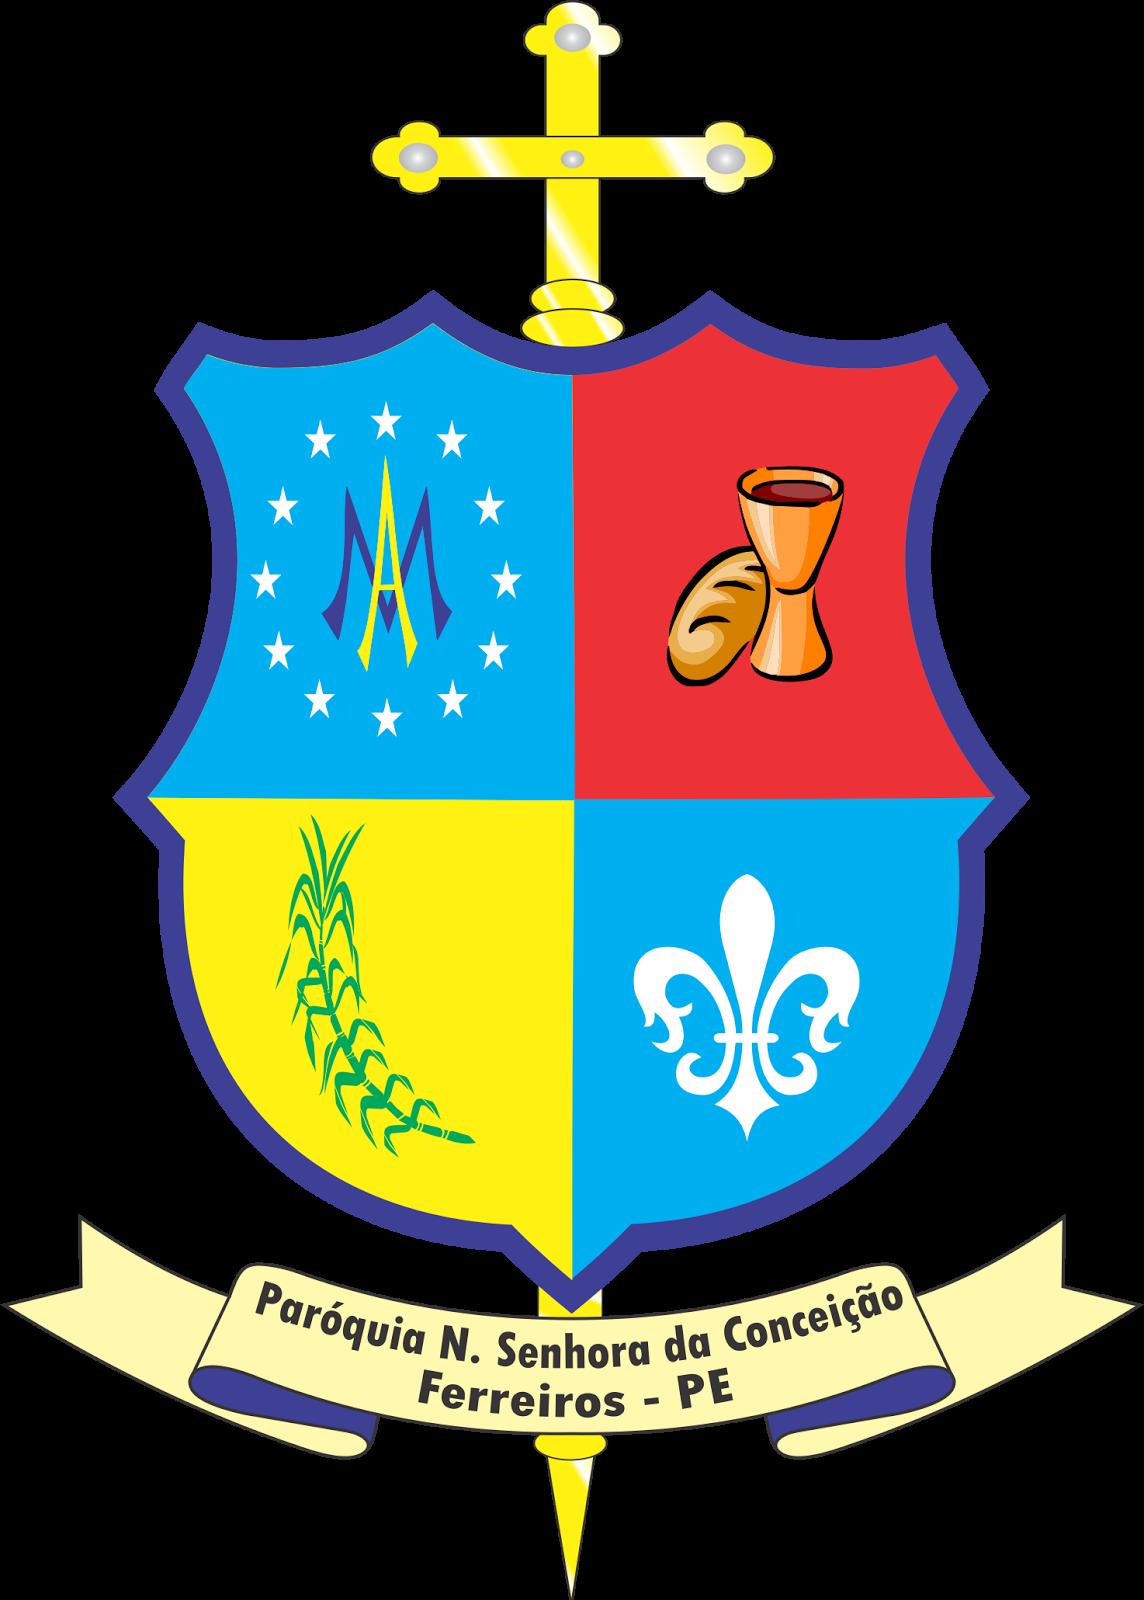 BRASÃO PAROQUIAL